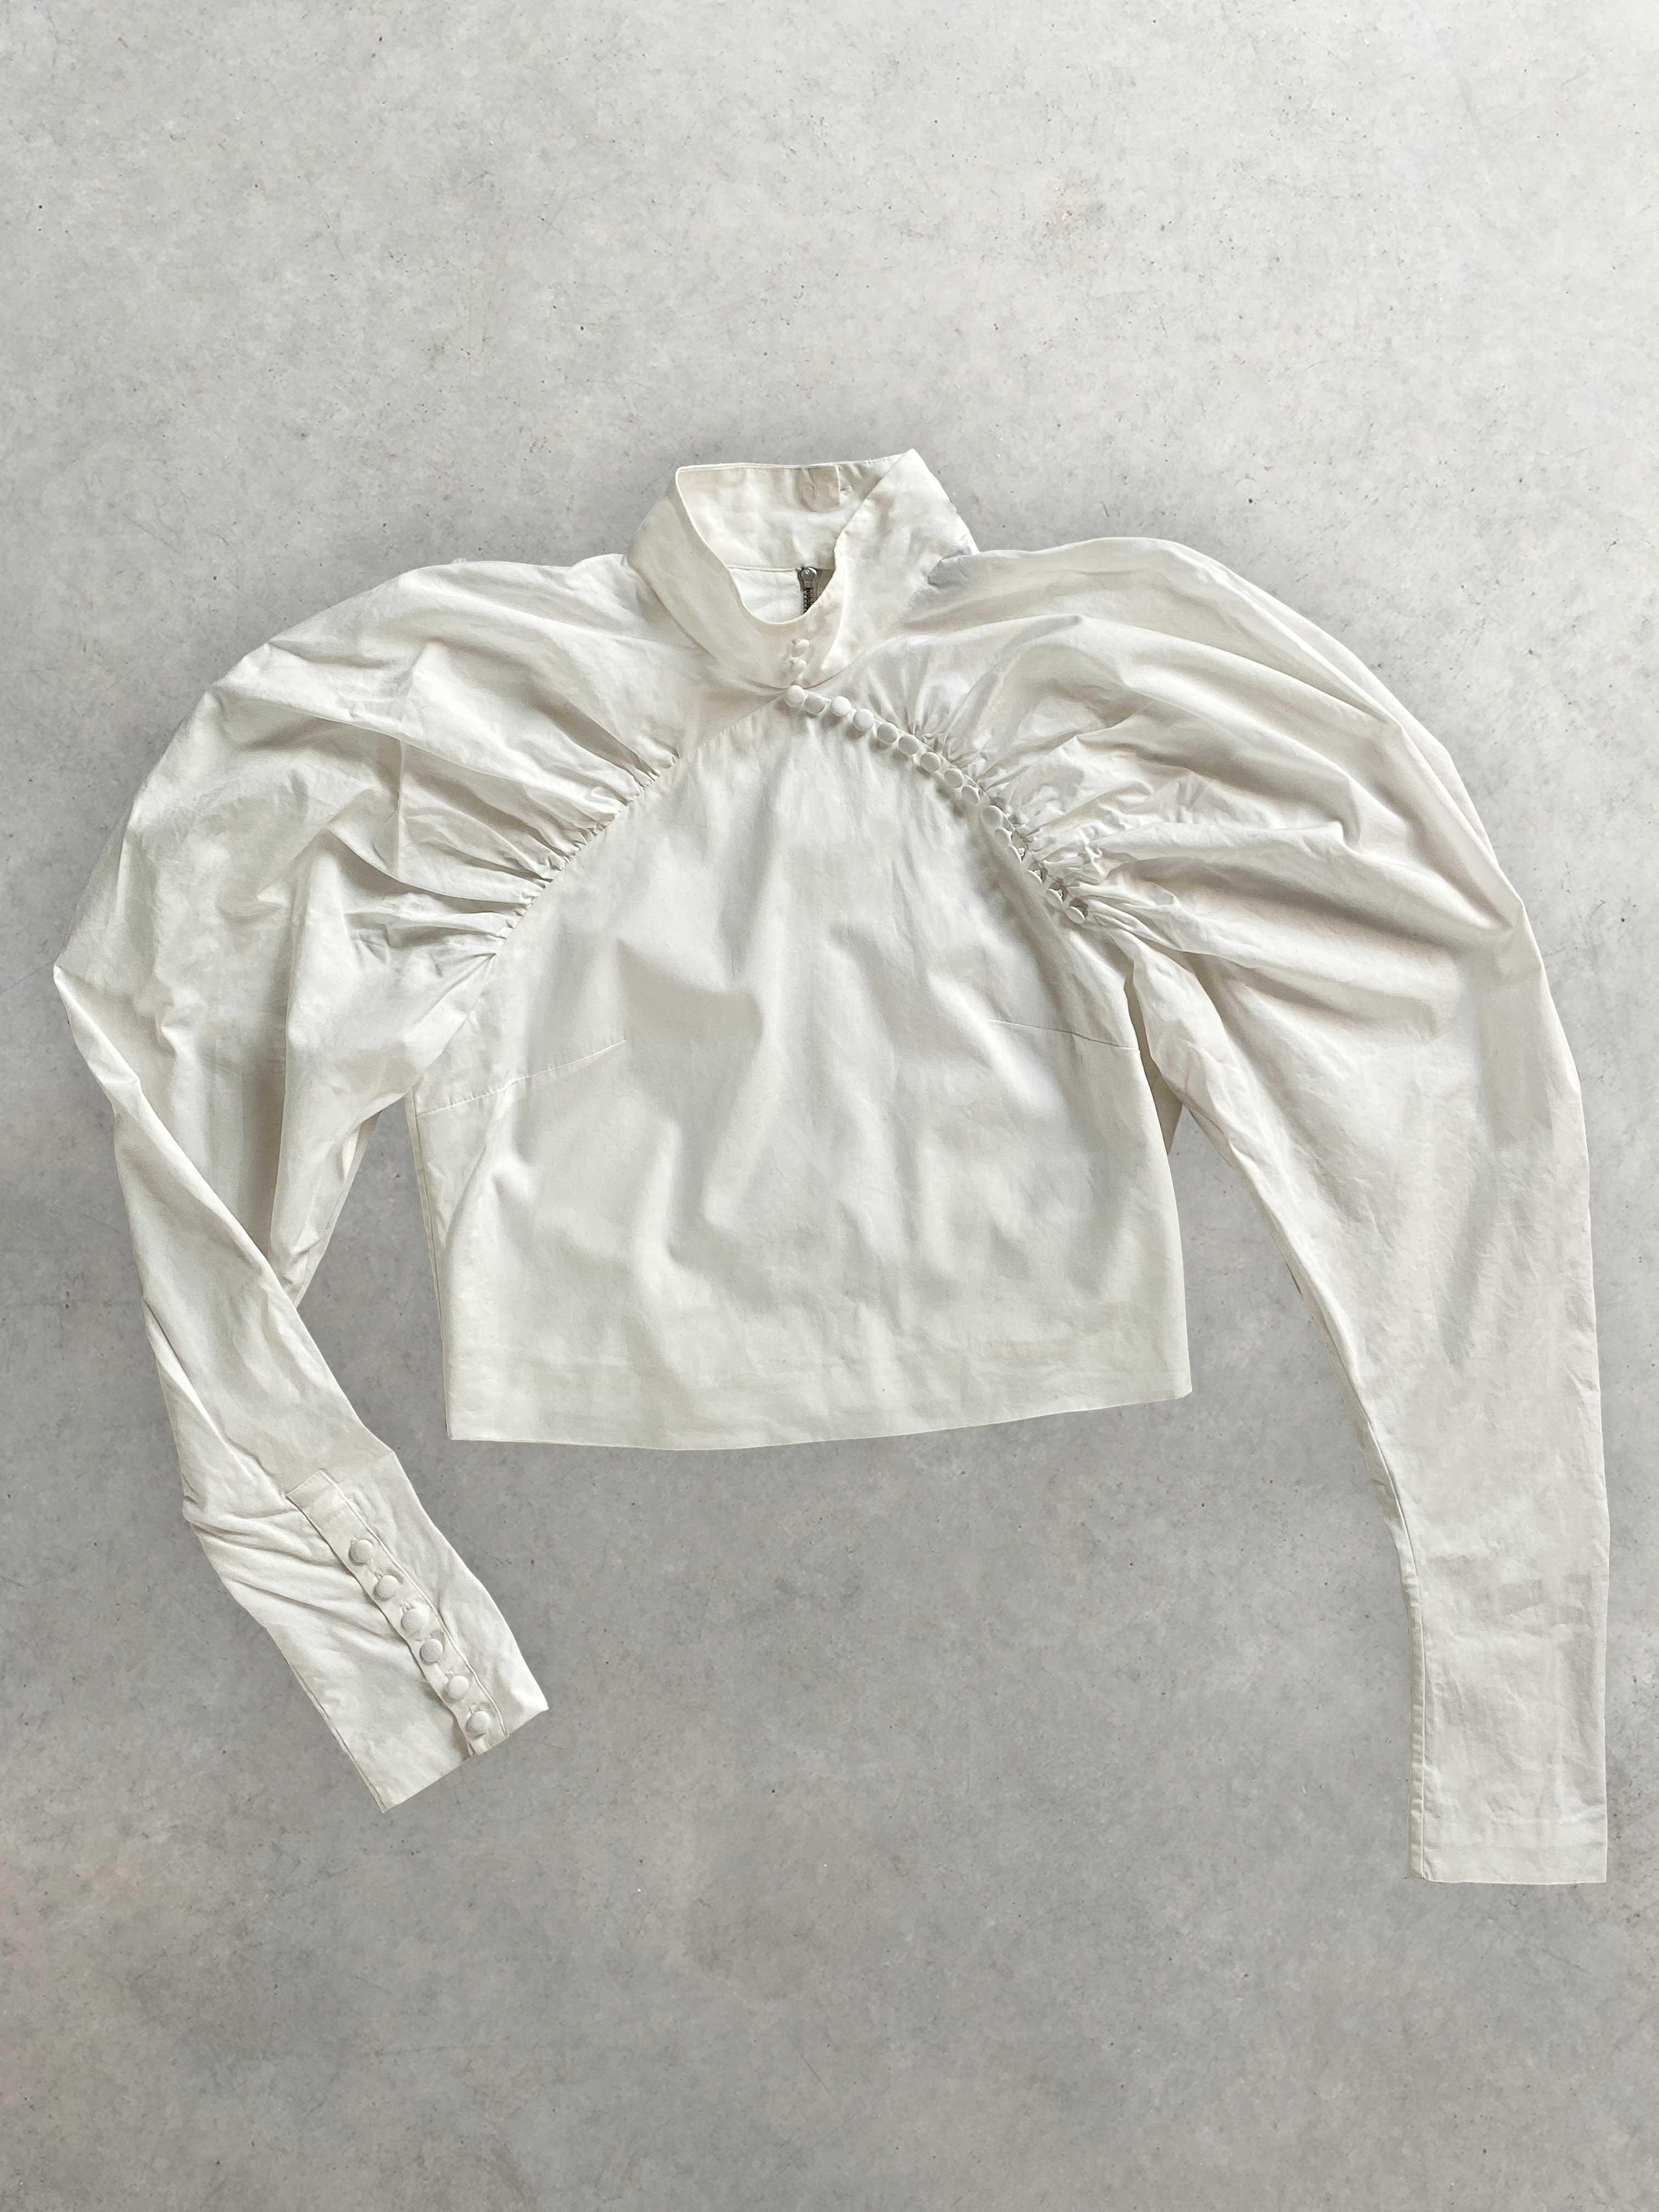 Packshot de Blouse Blanche à Manches Gigot et Boutons  par la marque Rotate